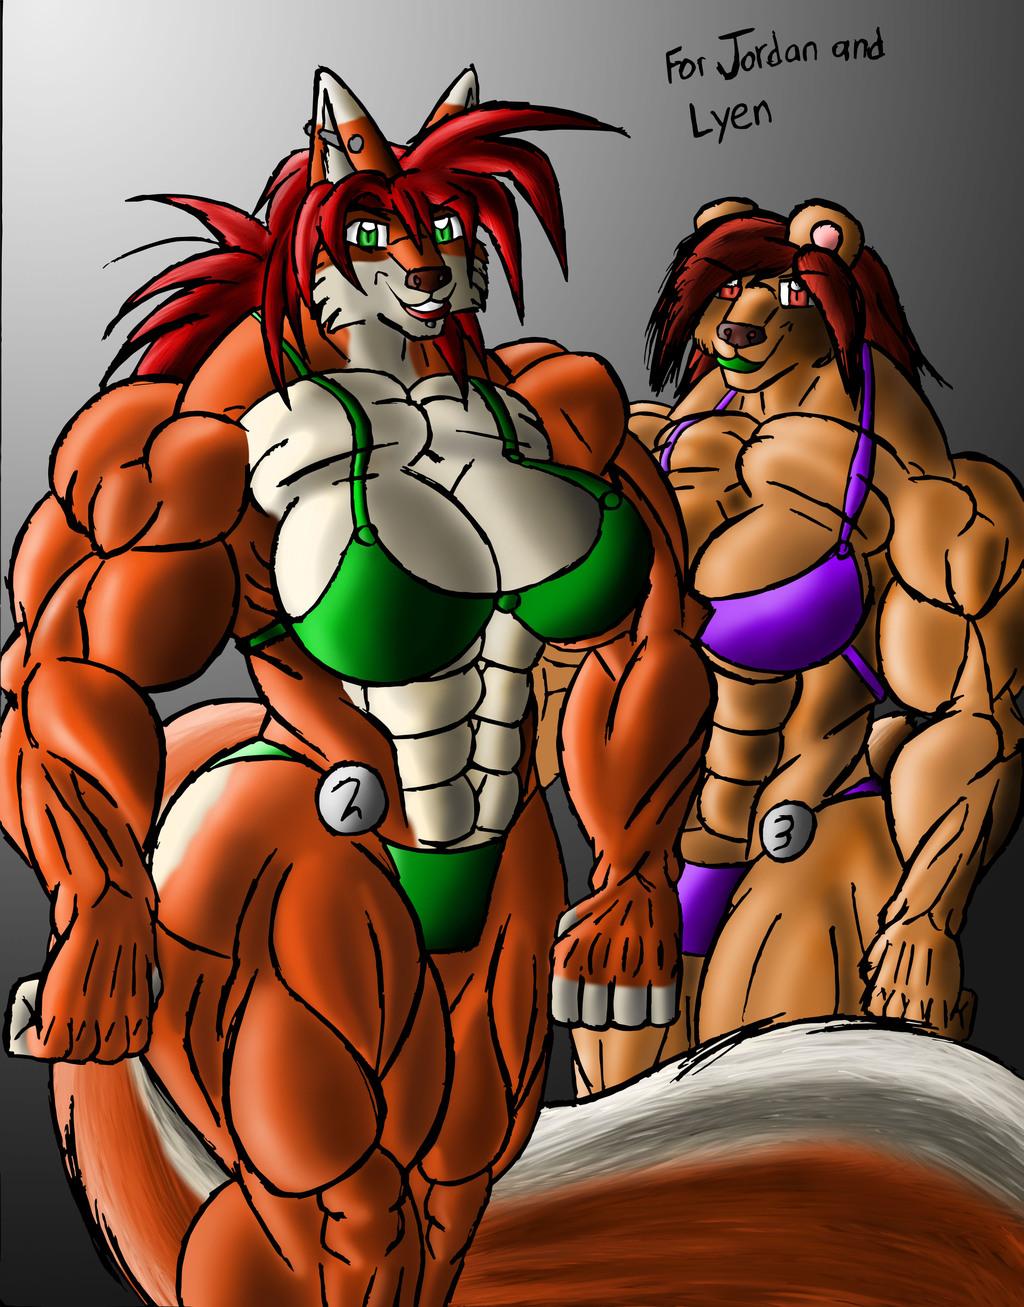 Bodybuilders Jordan and Lyen